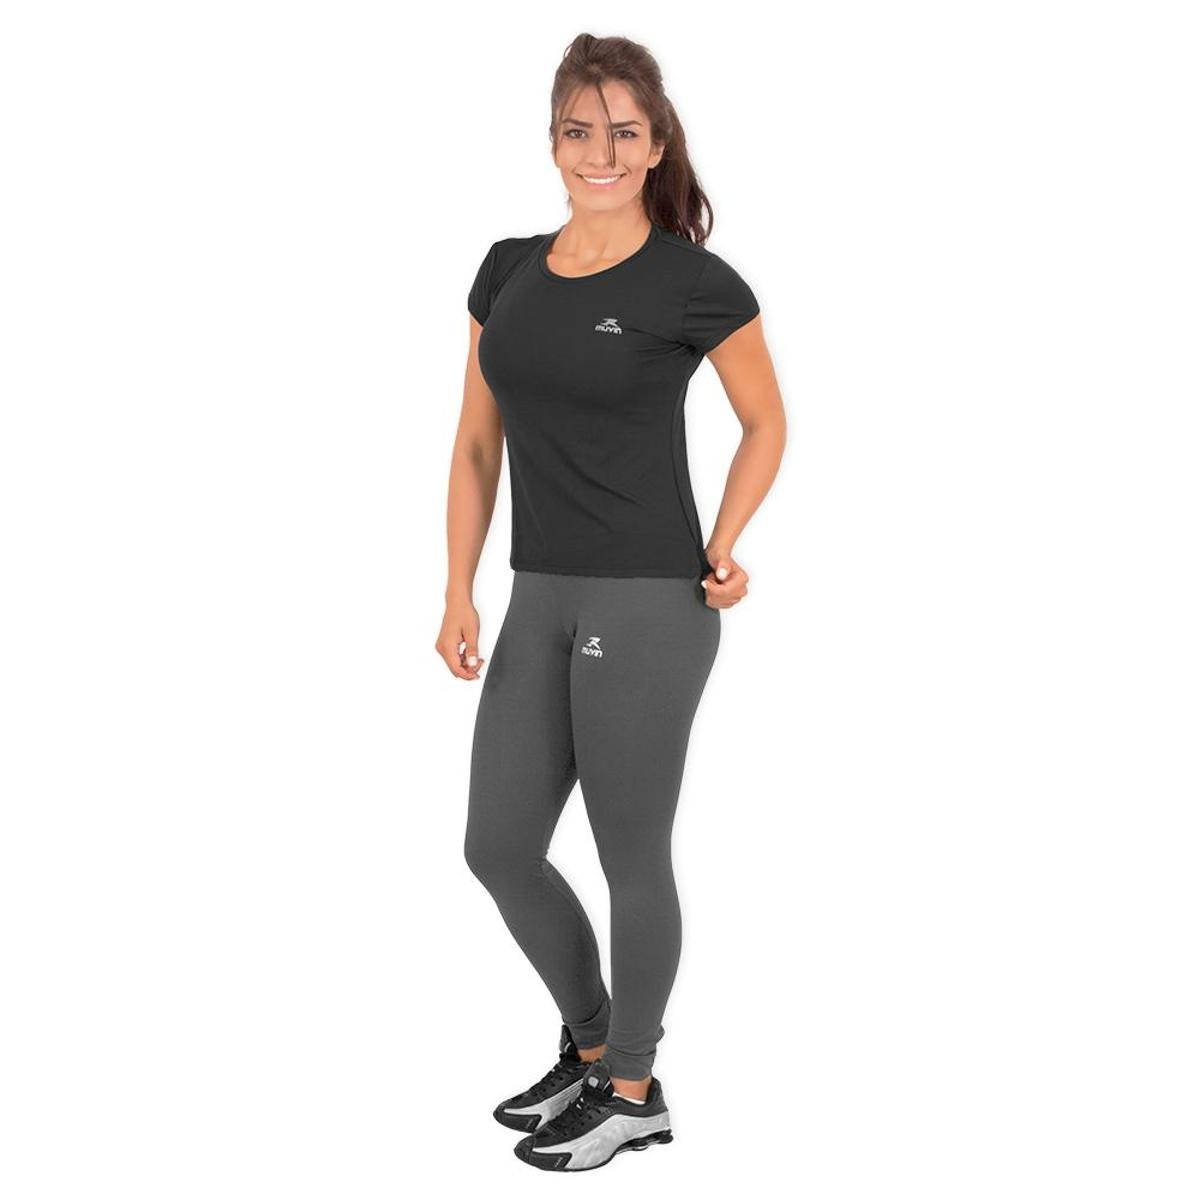 SS 200 G1 50 Performance Poliamida Camiseta UV Running Preto CSR XqxRw8P